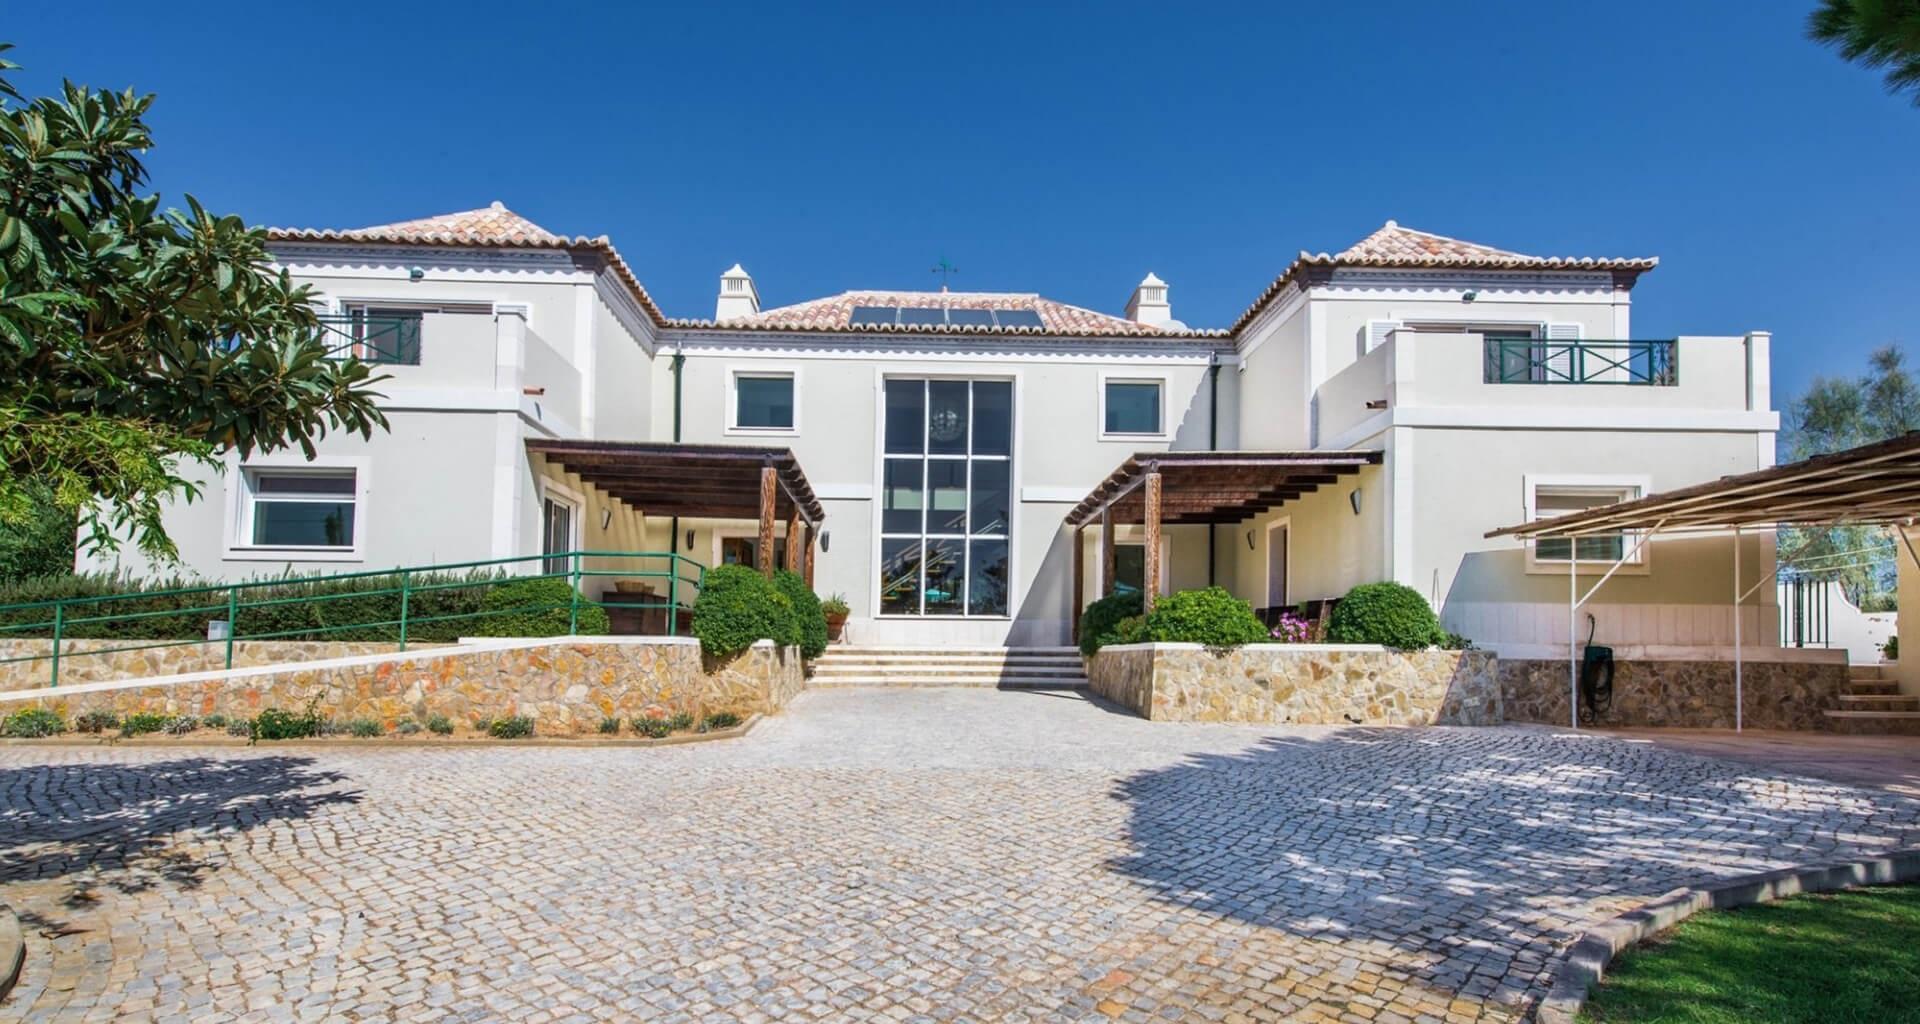 Almancil Area Villa Gallery